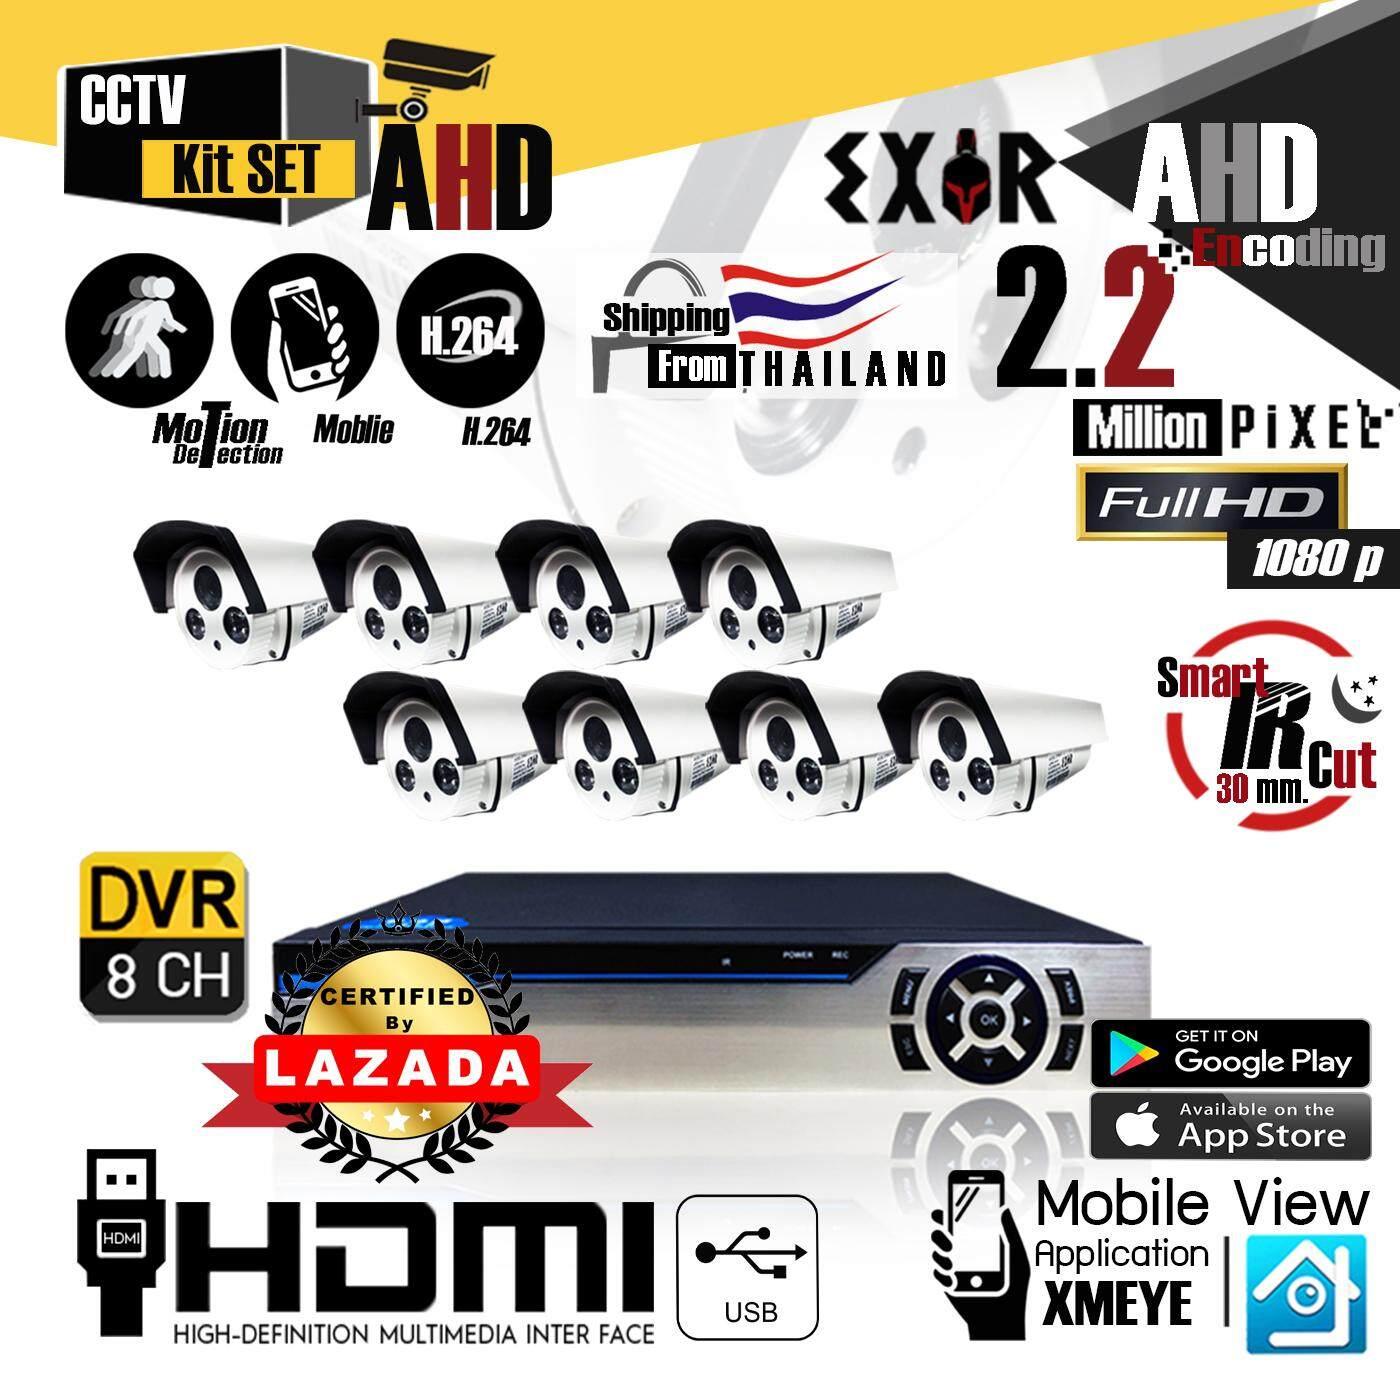 ส่งฟรี ชุดกล้องวงจรปิด EXIR CCTV 8CH AHD Kit Set 2.2 ล้านพิกเซล Full HD 1080P กล้อง 8 ตัว ทรงกระบอก เลนส์ 4mm IR cut / Night vision และ เครื่องบันทึก Full HD DVR 8 CH 6 in 1 DIUS ( DTR-AFS1080B08BN ) ต้องแนะนำ